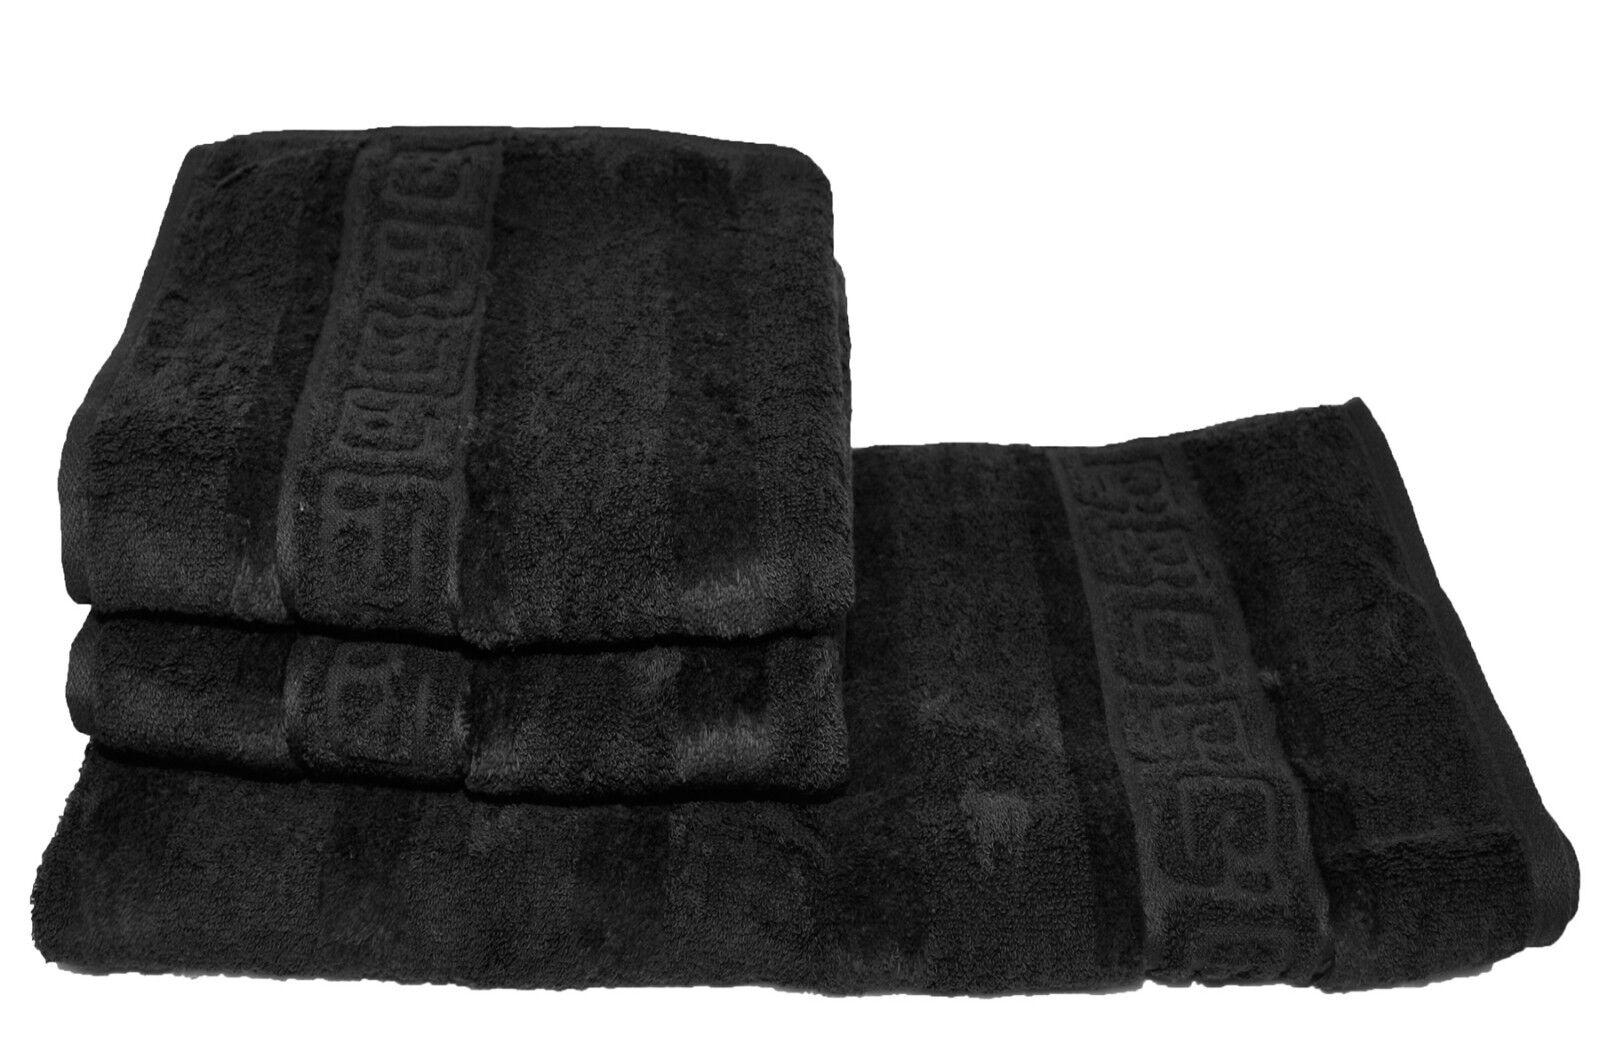 Cawö Cawö Cawö Noblesse 2x Duschtuch Gr. 80 x 160 schwarz 901 SONDERPREIS online neu | Mittlere Kosten  c82e95